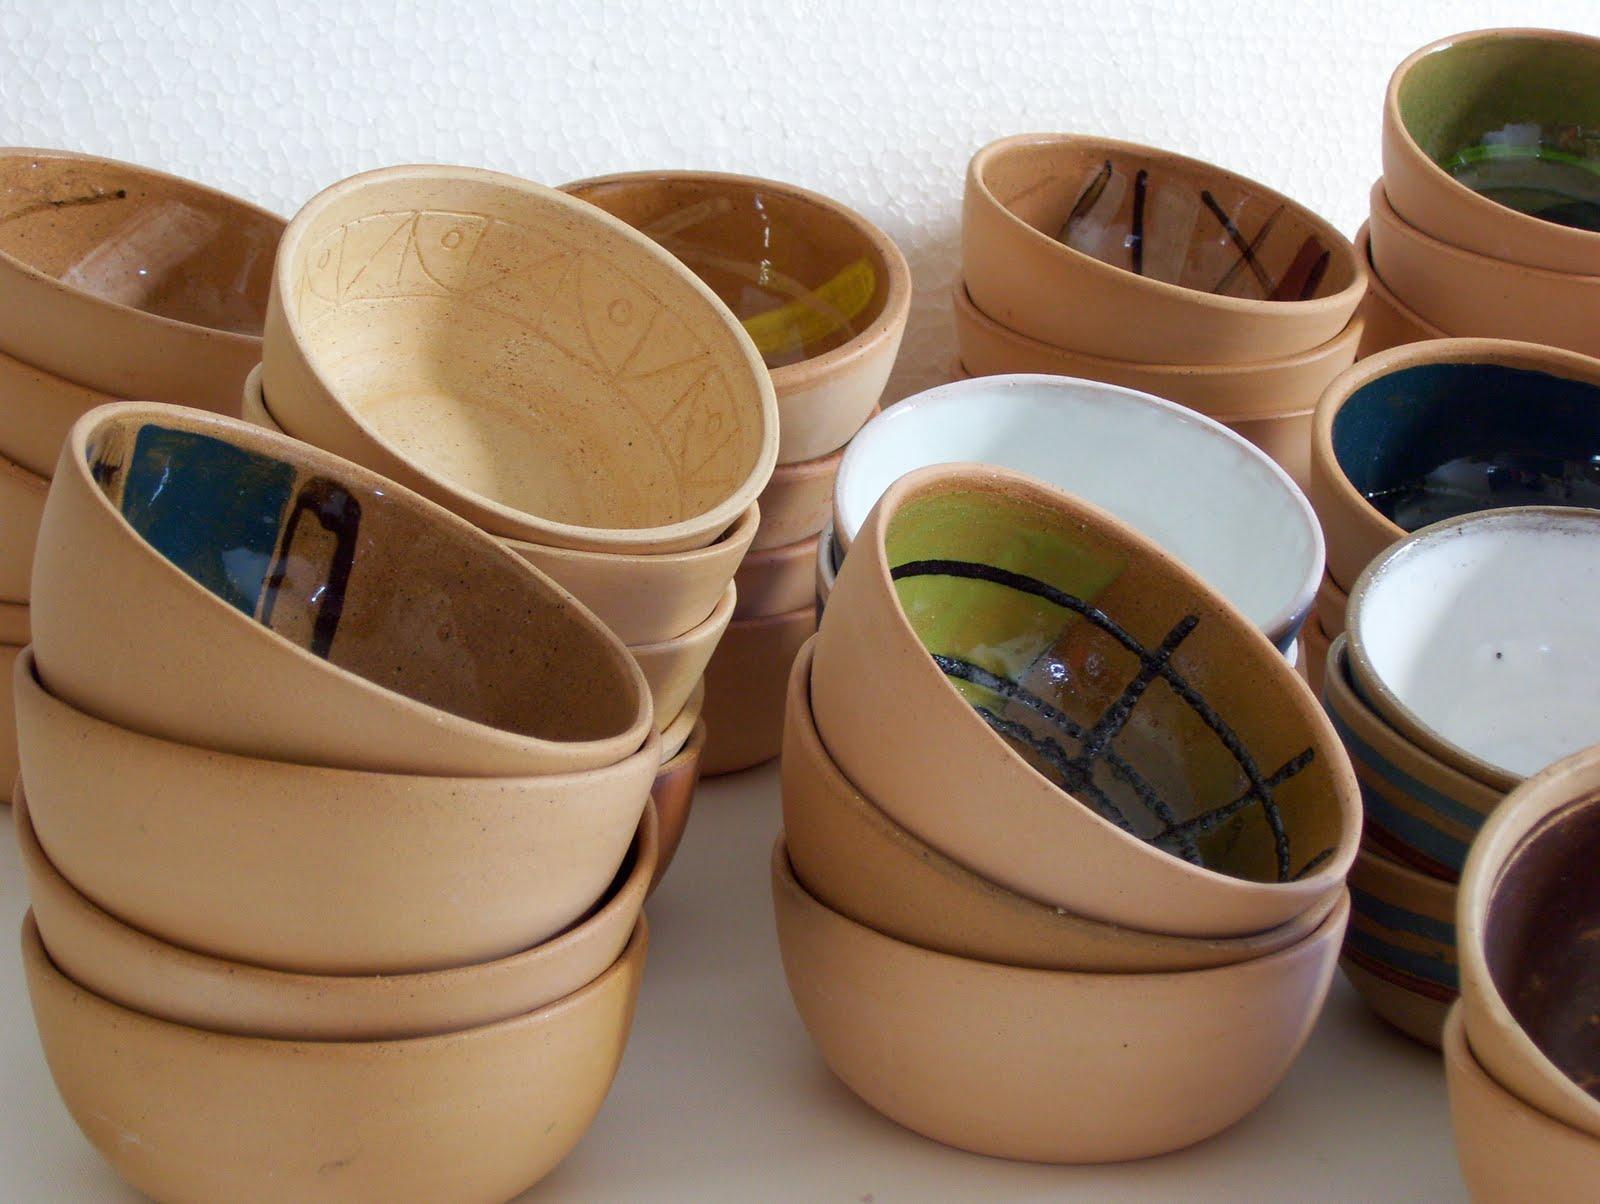 Copagira cer mica artesanal cazuelas esmaltadas for Engobes para ceramica